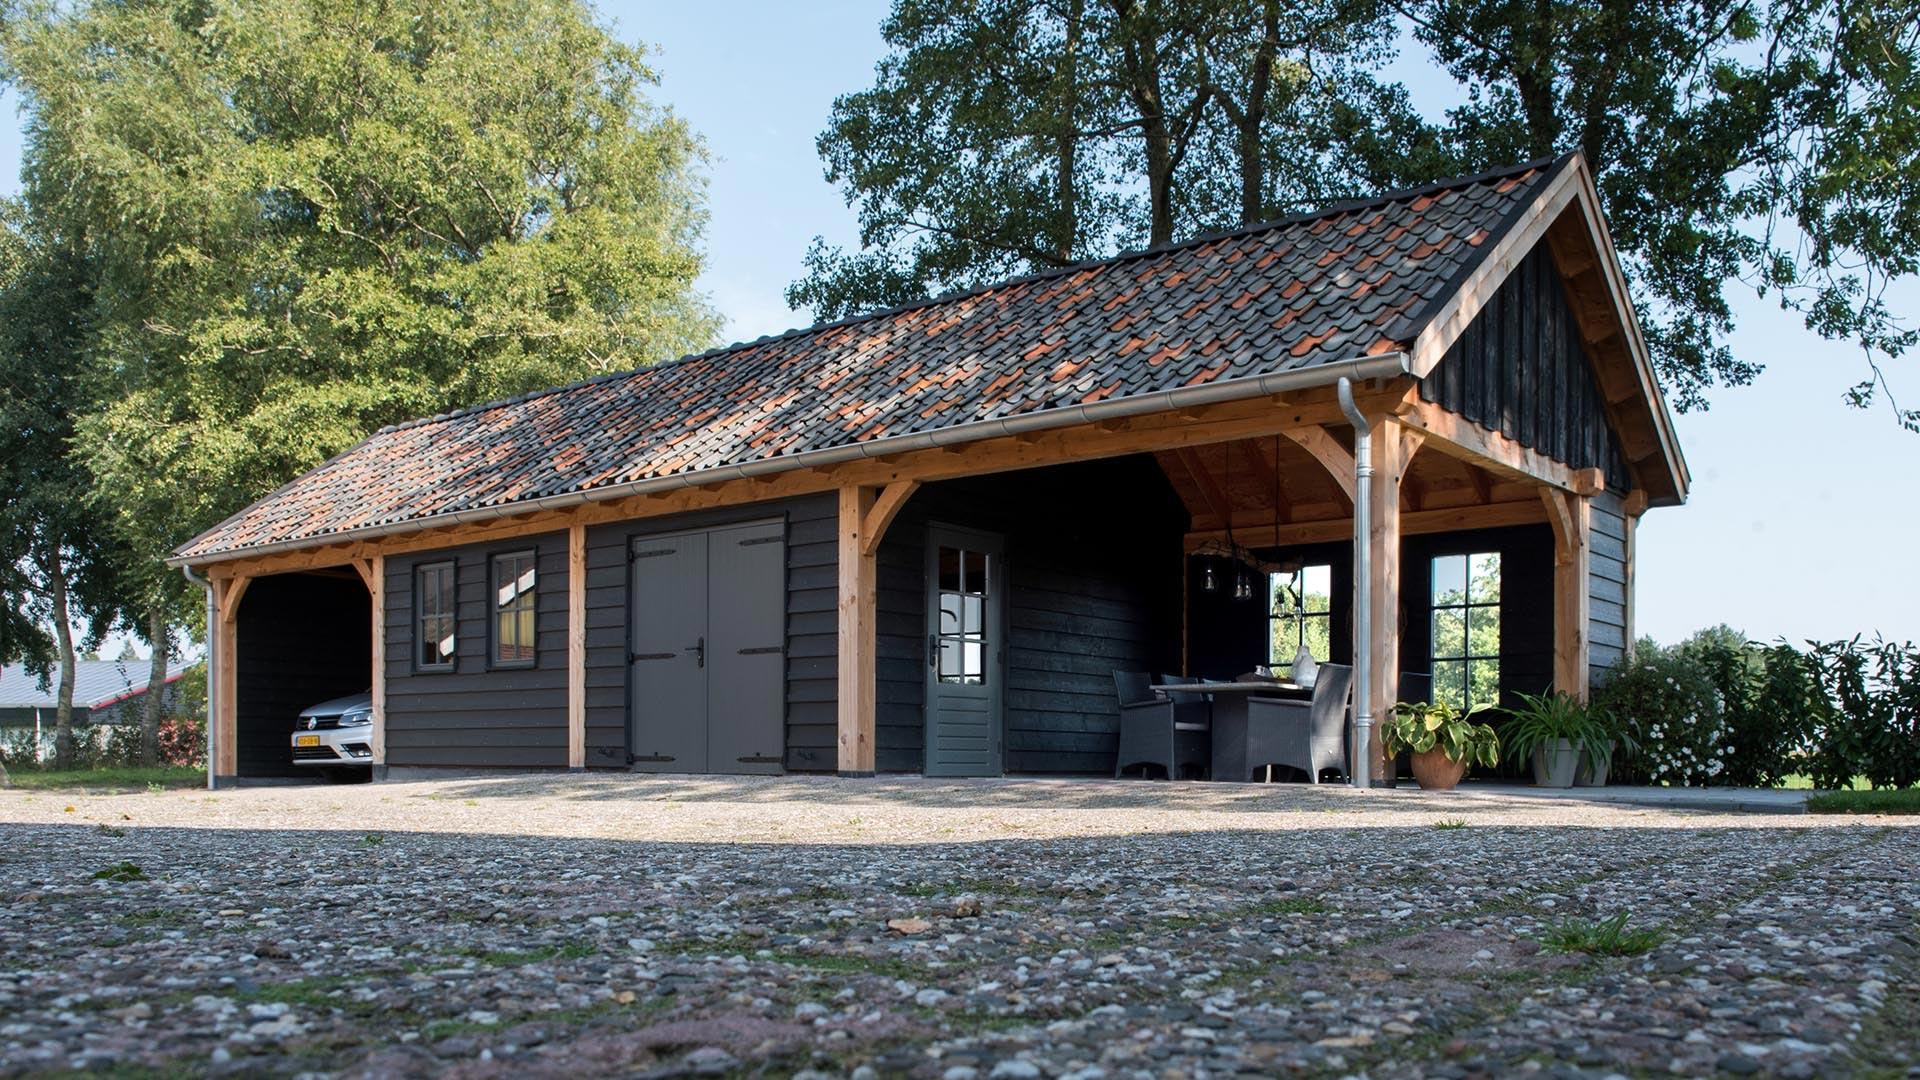 Houten garage met zolder